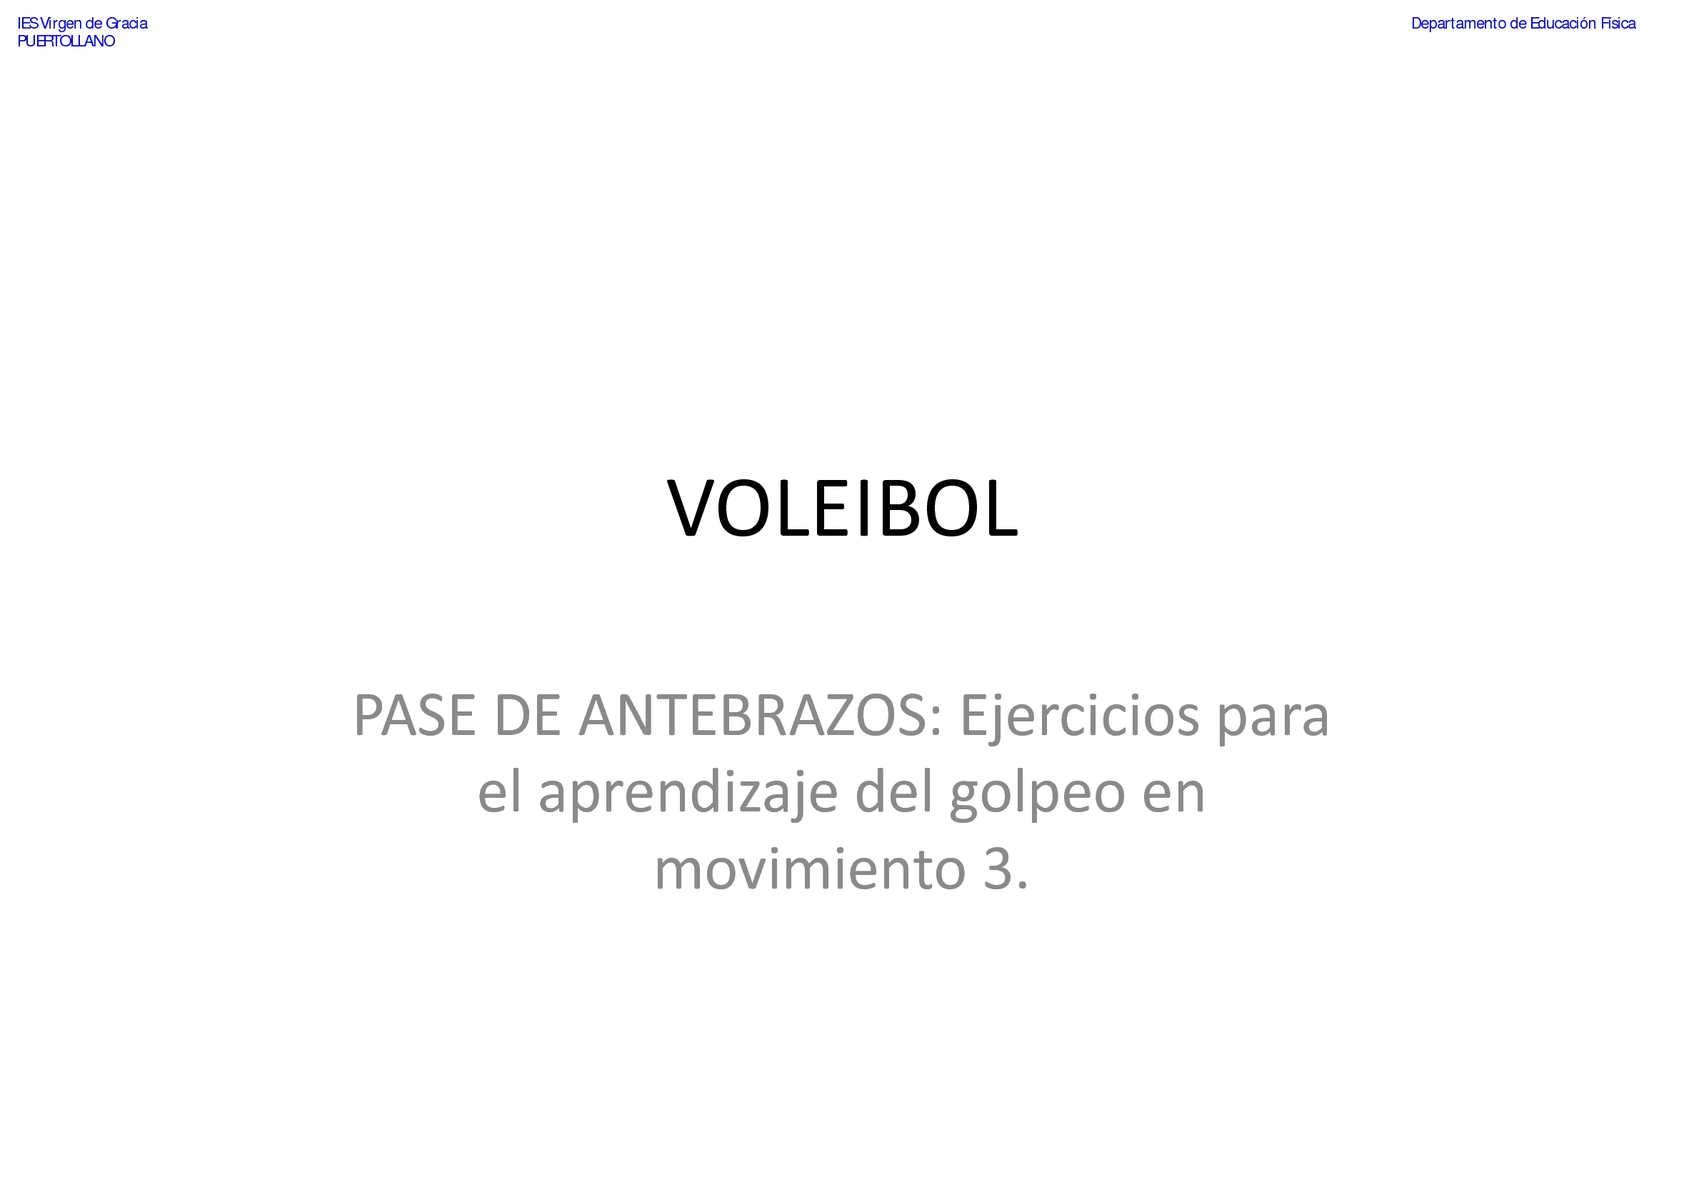 VOLEIBOL - Pase de Antebrazos - Ejercicios para el golpeo en movimiento 3